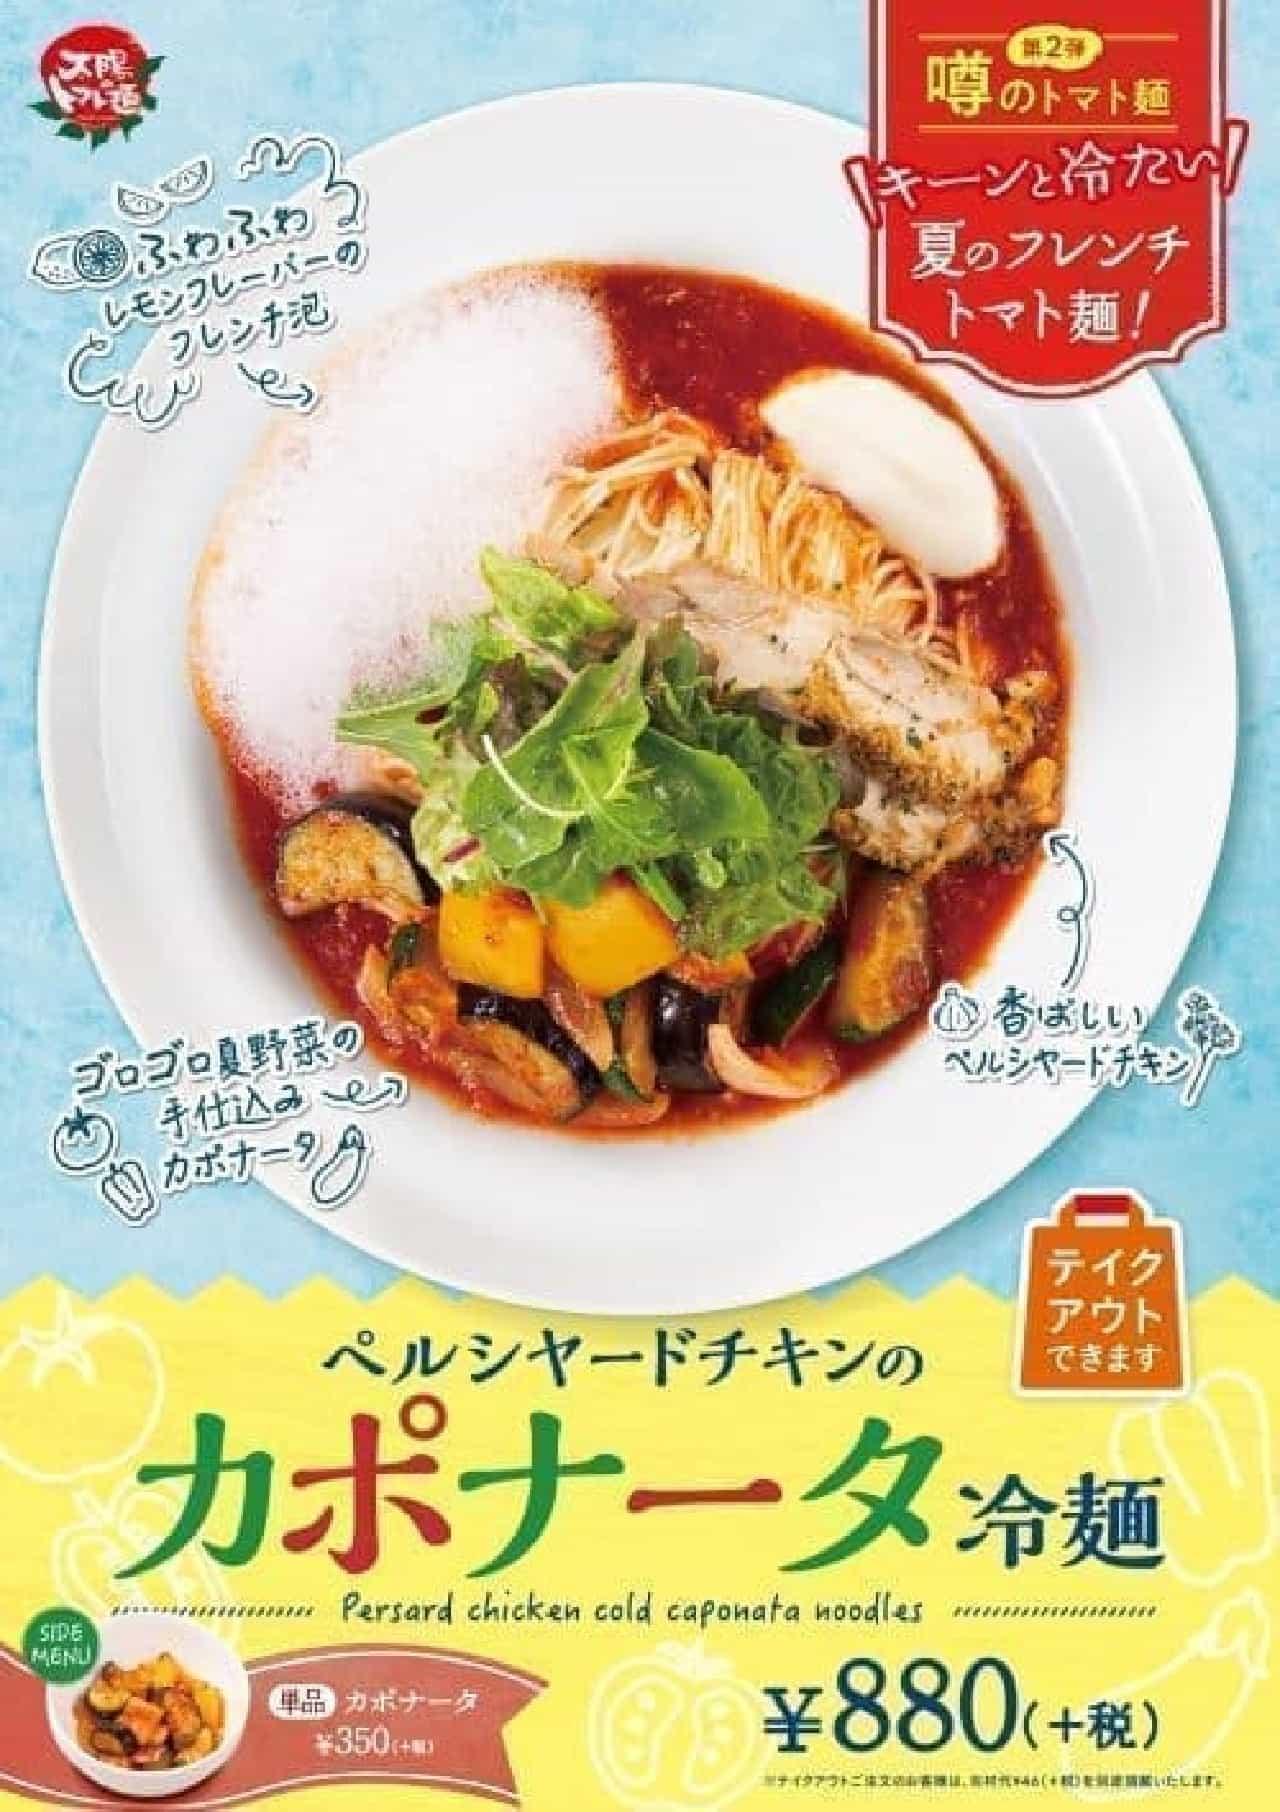 太陽のトマト麺「ペルシヤードチキンのカポナータ冷麺」